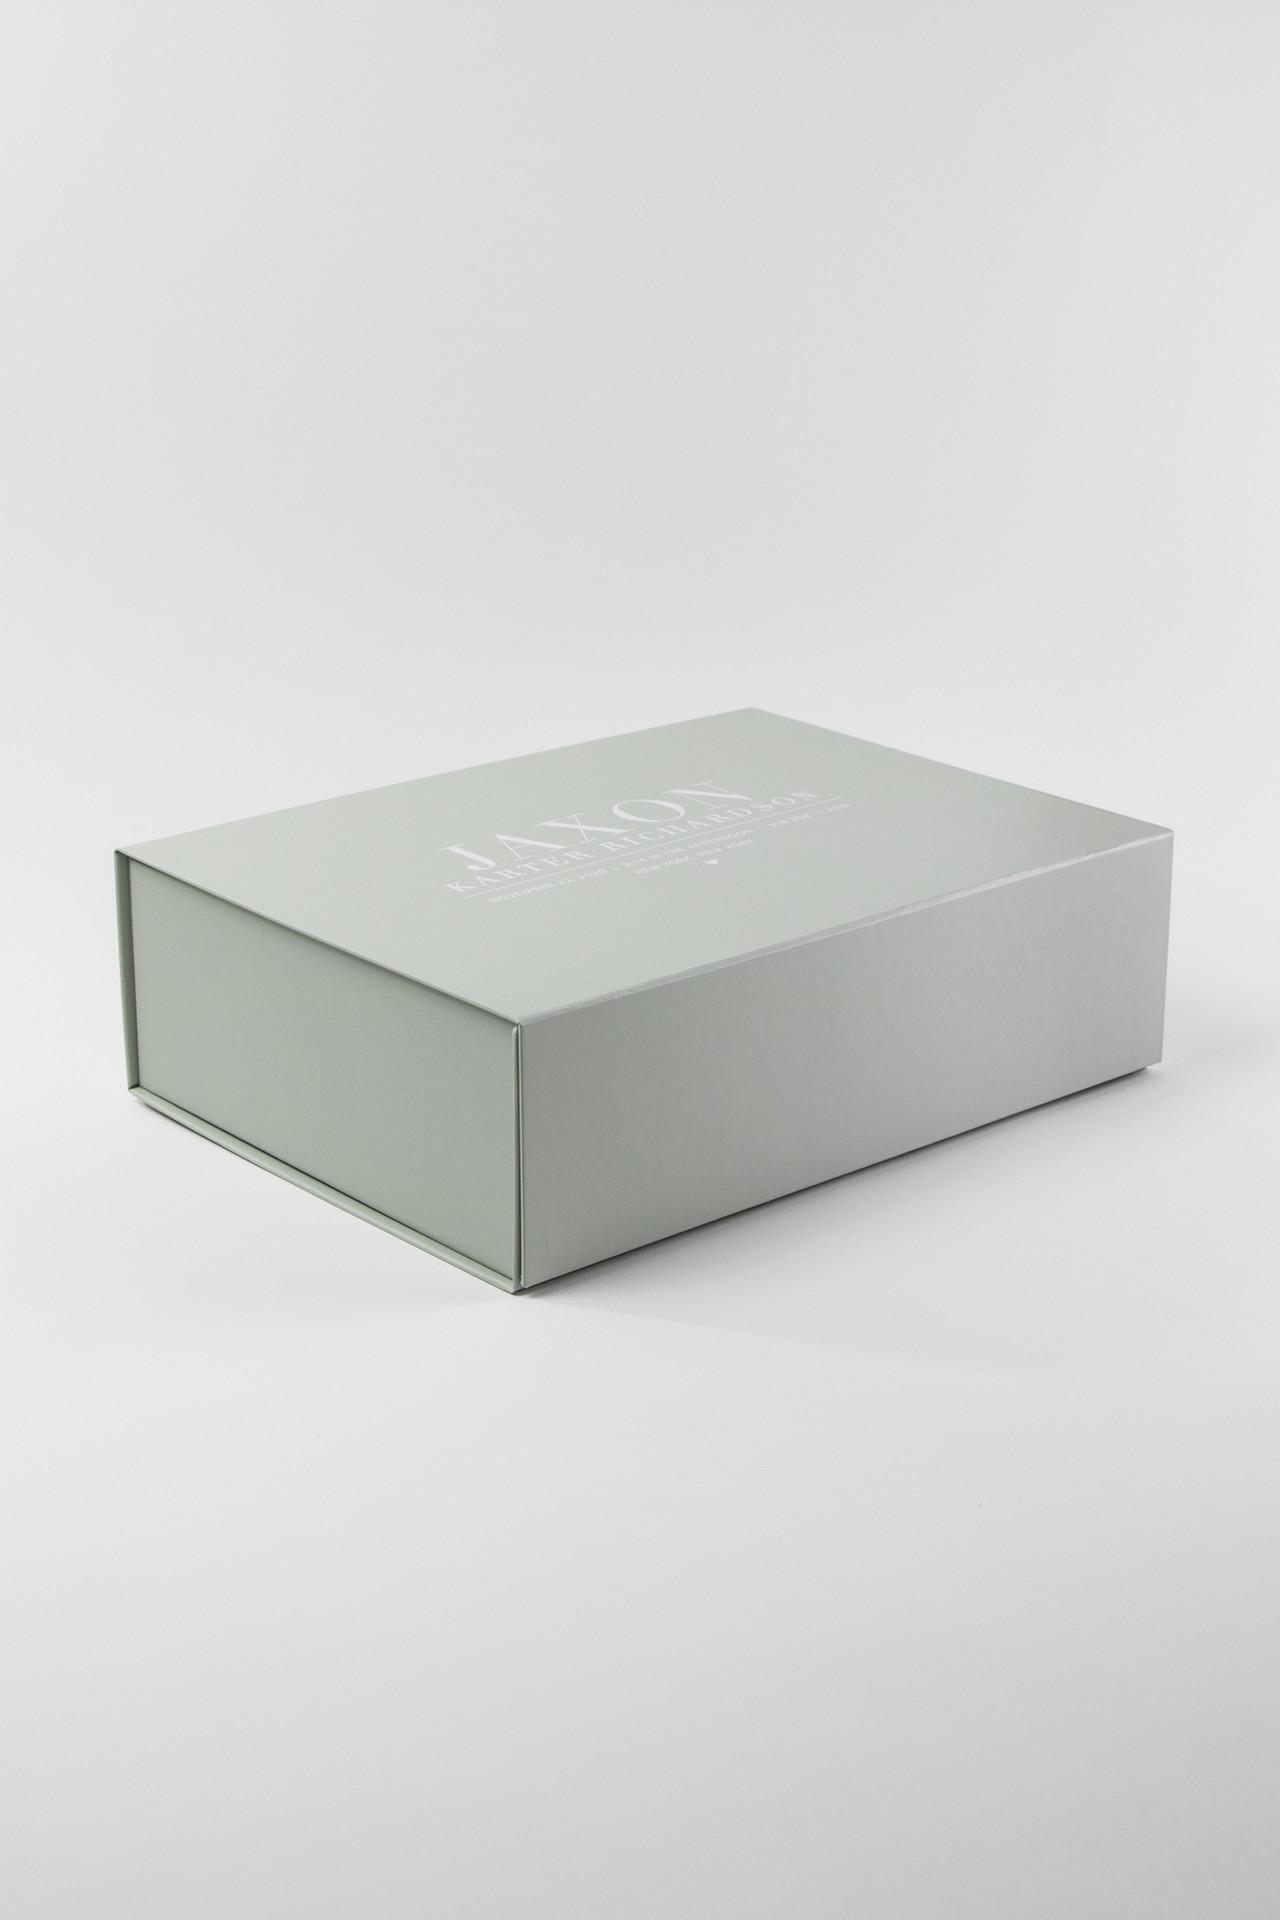 Birth Stat Personalized Keepsake Gift Box